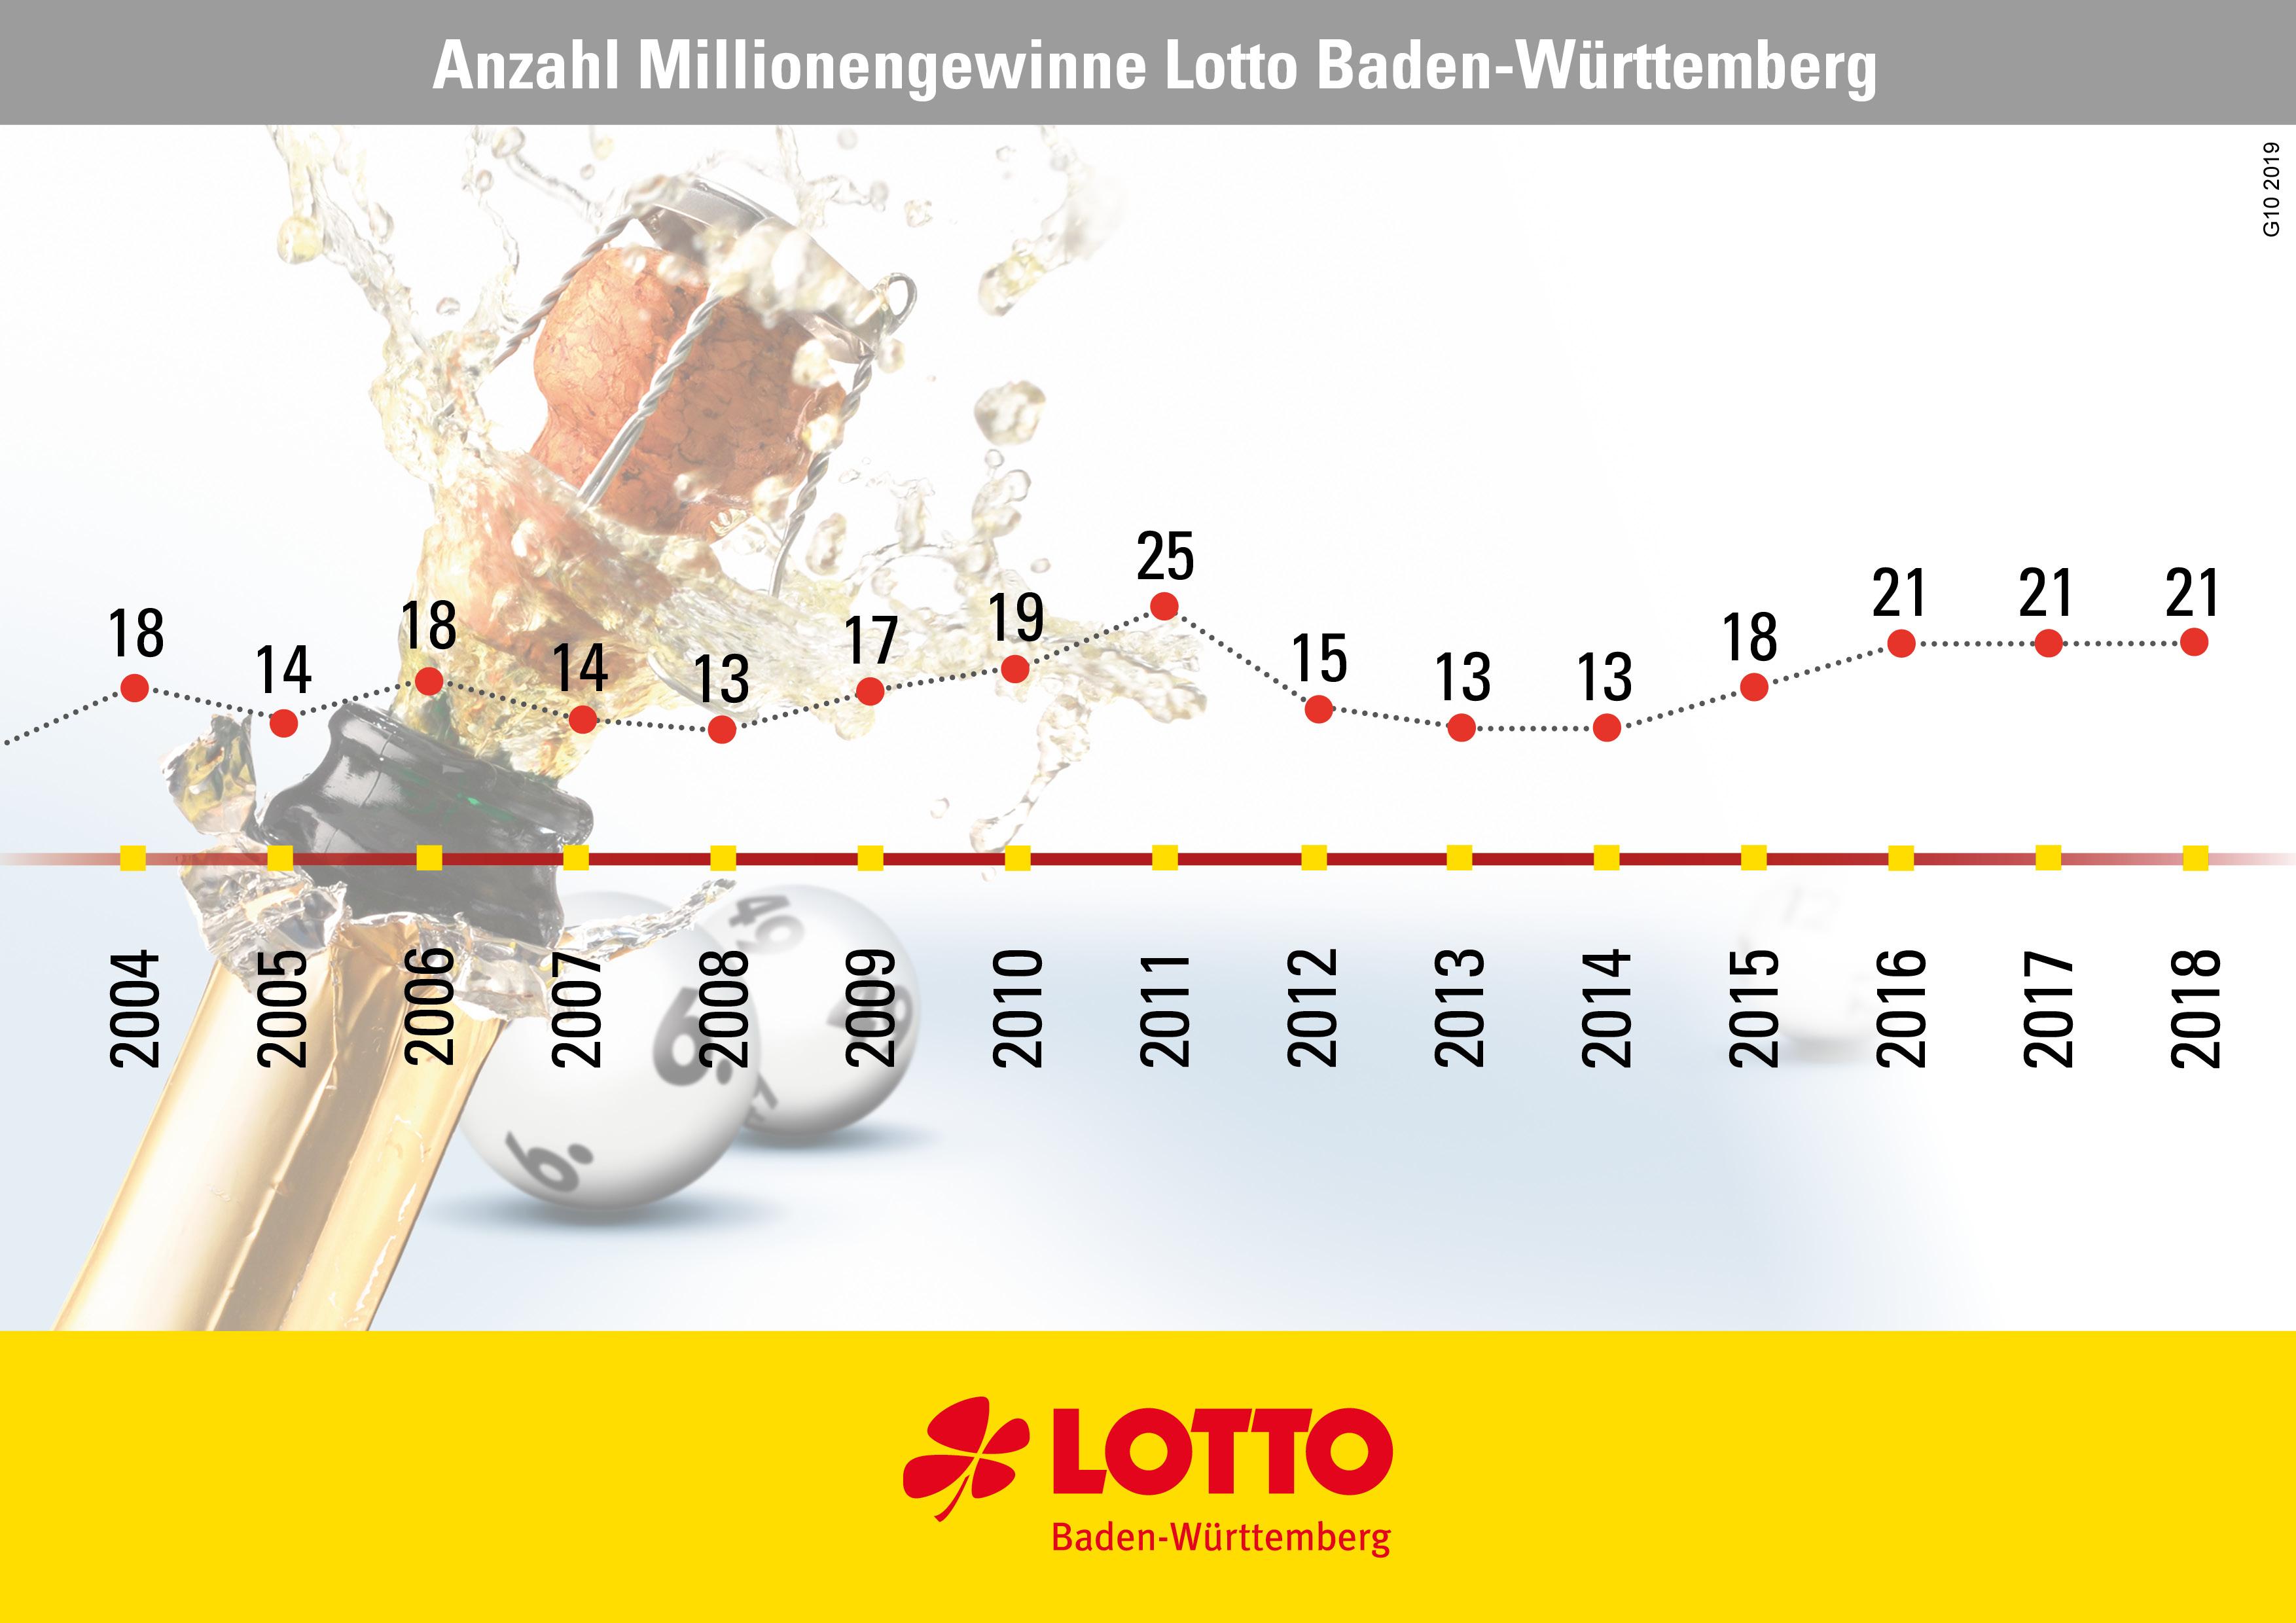 So haben sich die Millionengewinne bei Lotto in Baden-Württemberg entwickelt.